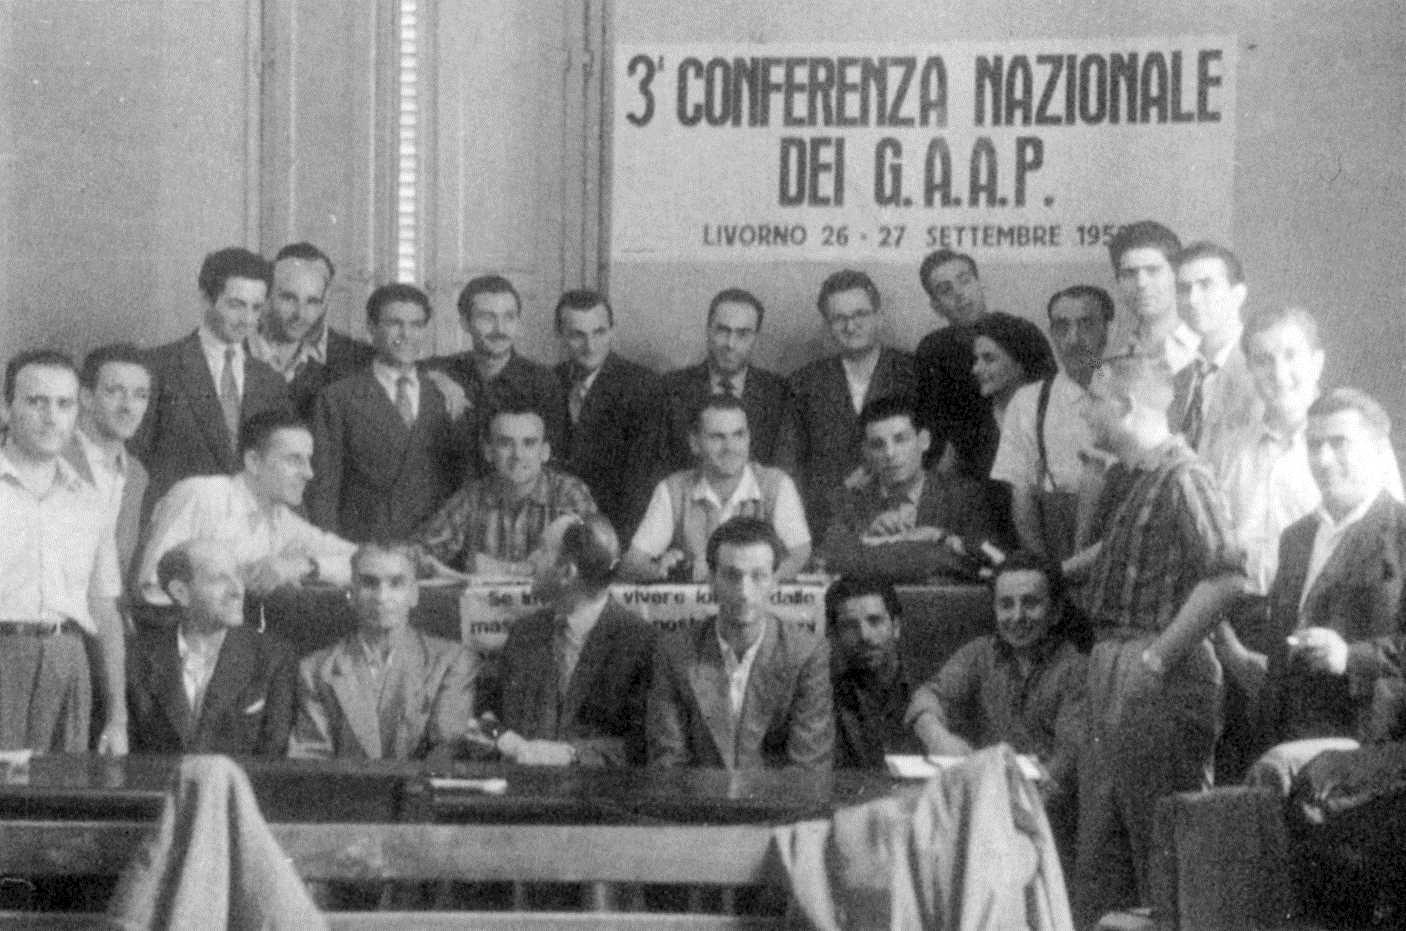 """Antonio Bogliani (dret, sota la paraula """"Livorno"""") en la II Conferència Nacional dels GAAP (Liorna, 26 i 27 de setembre de 1953)"""